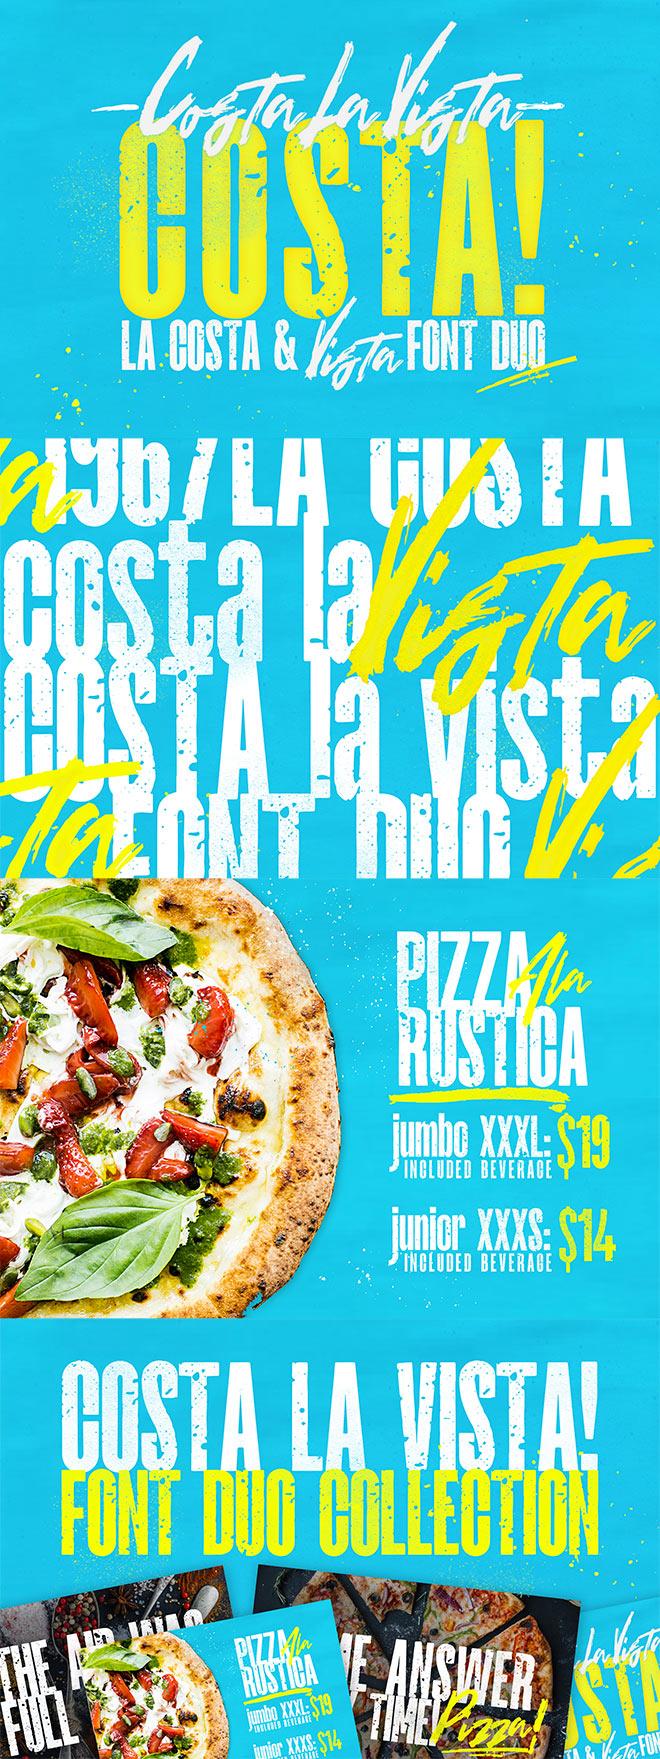 Costa La Vista Font